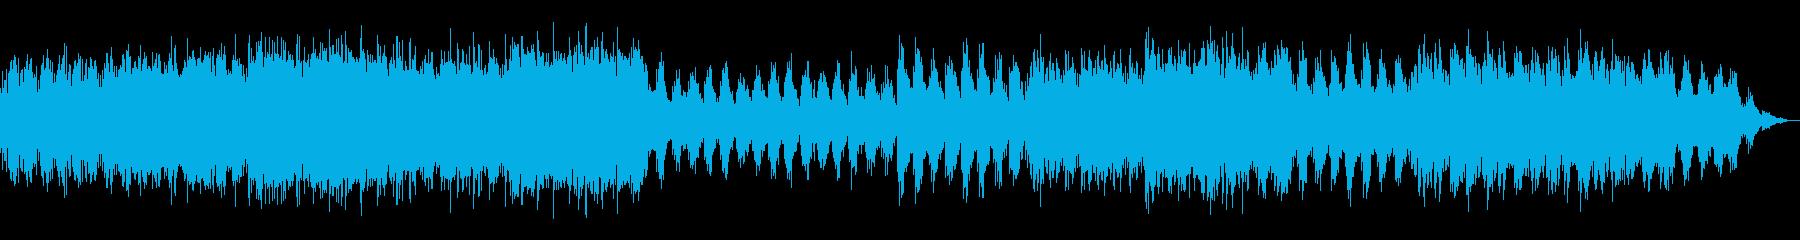 瞑想やヨガ、睡眠誘導のための音楽 10bの再生済みの波形